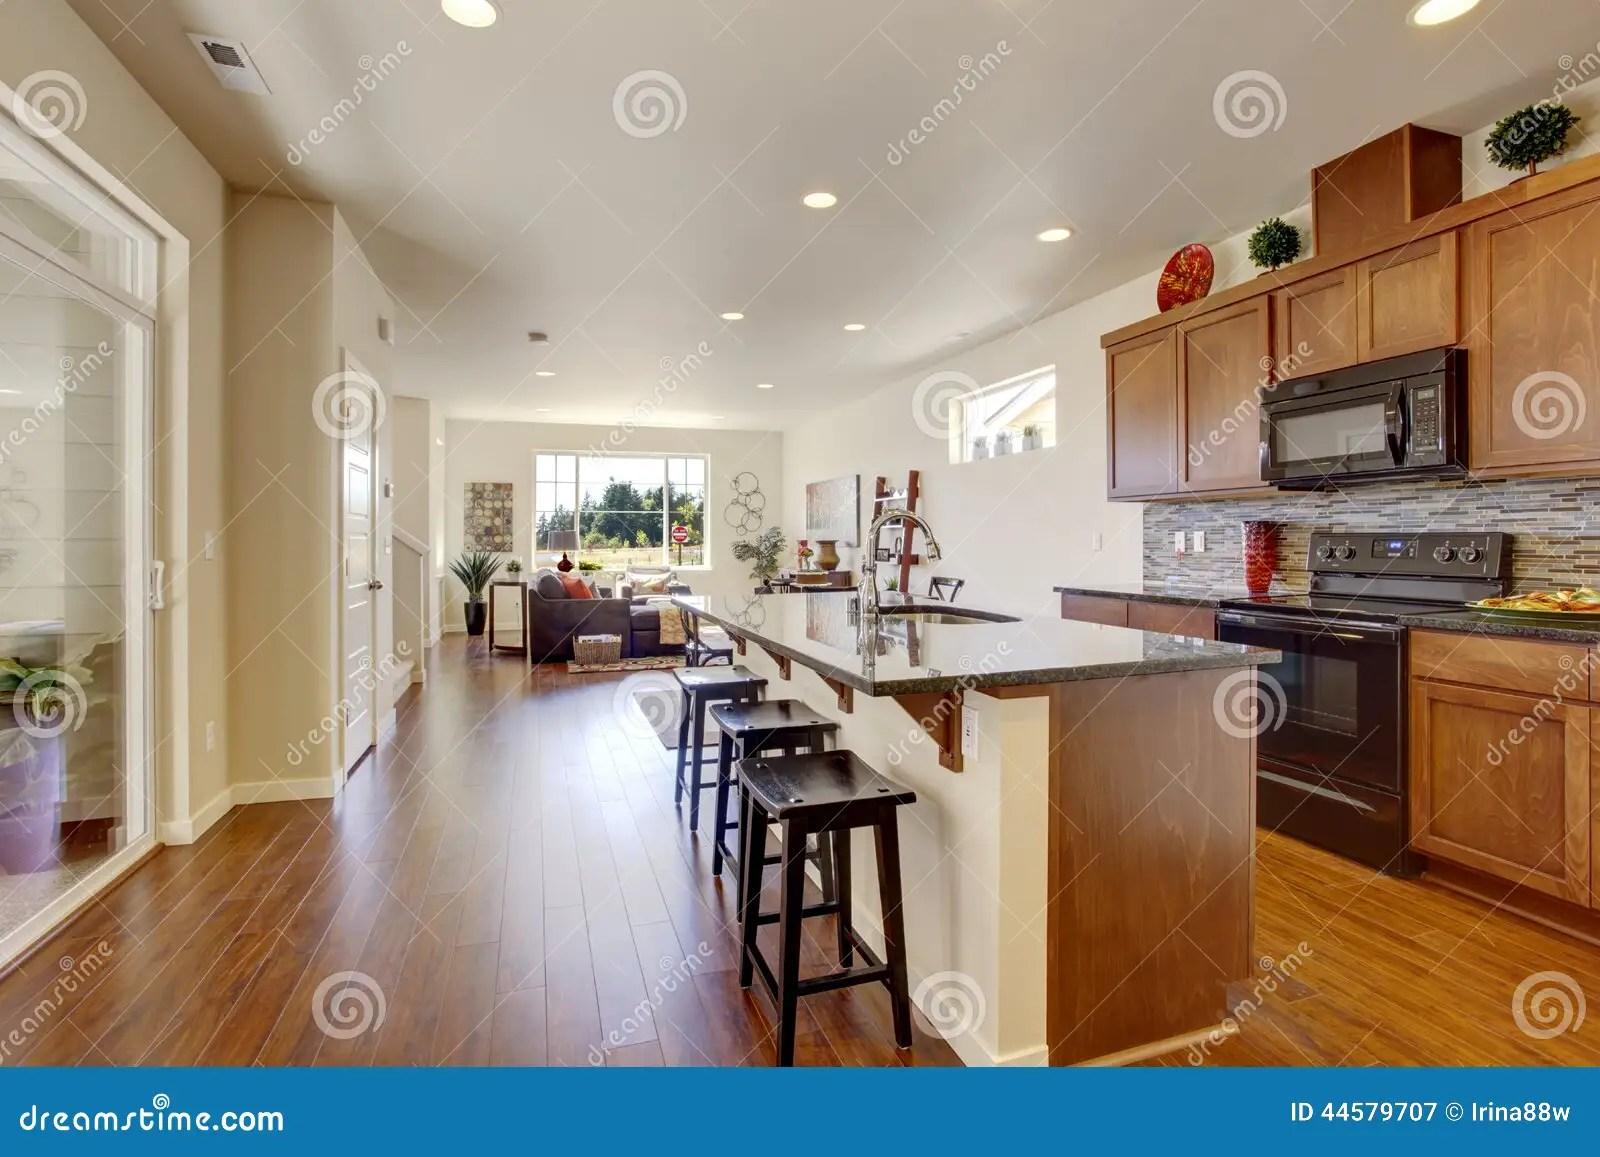 house interior open floor plan kitchen room wiht island bright tile back splash trim 44579707